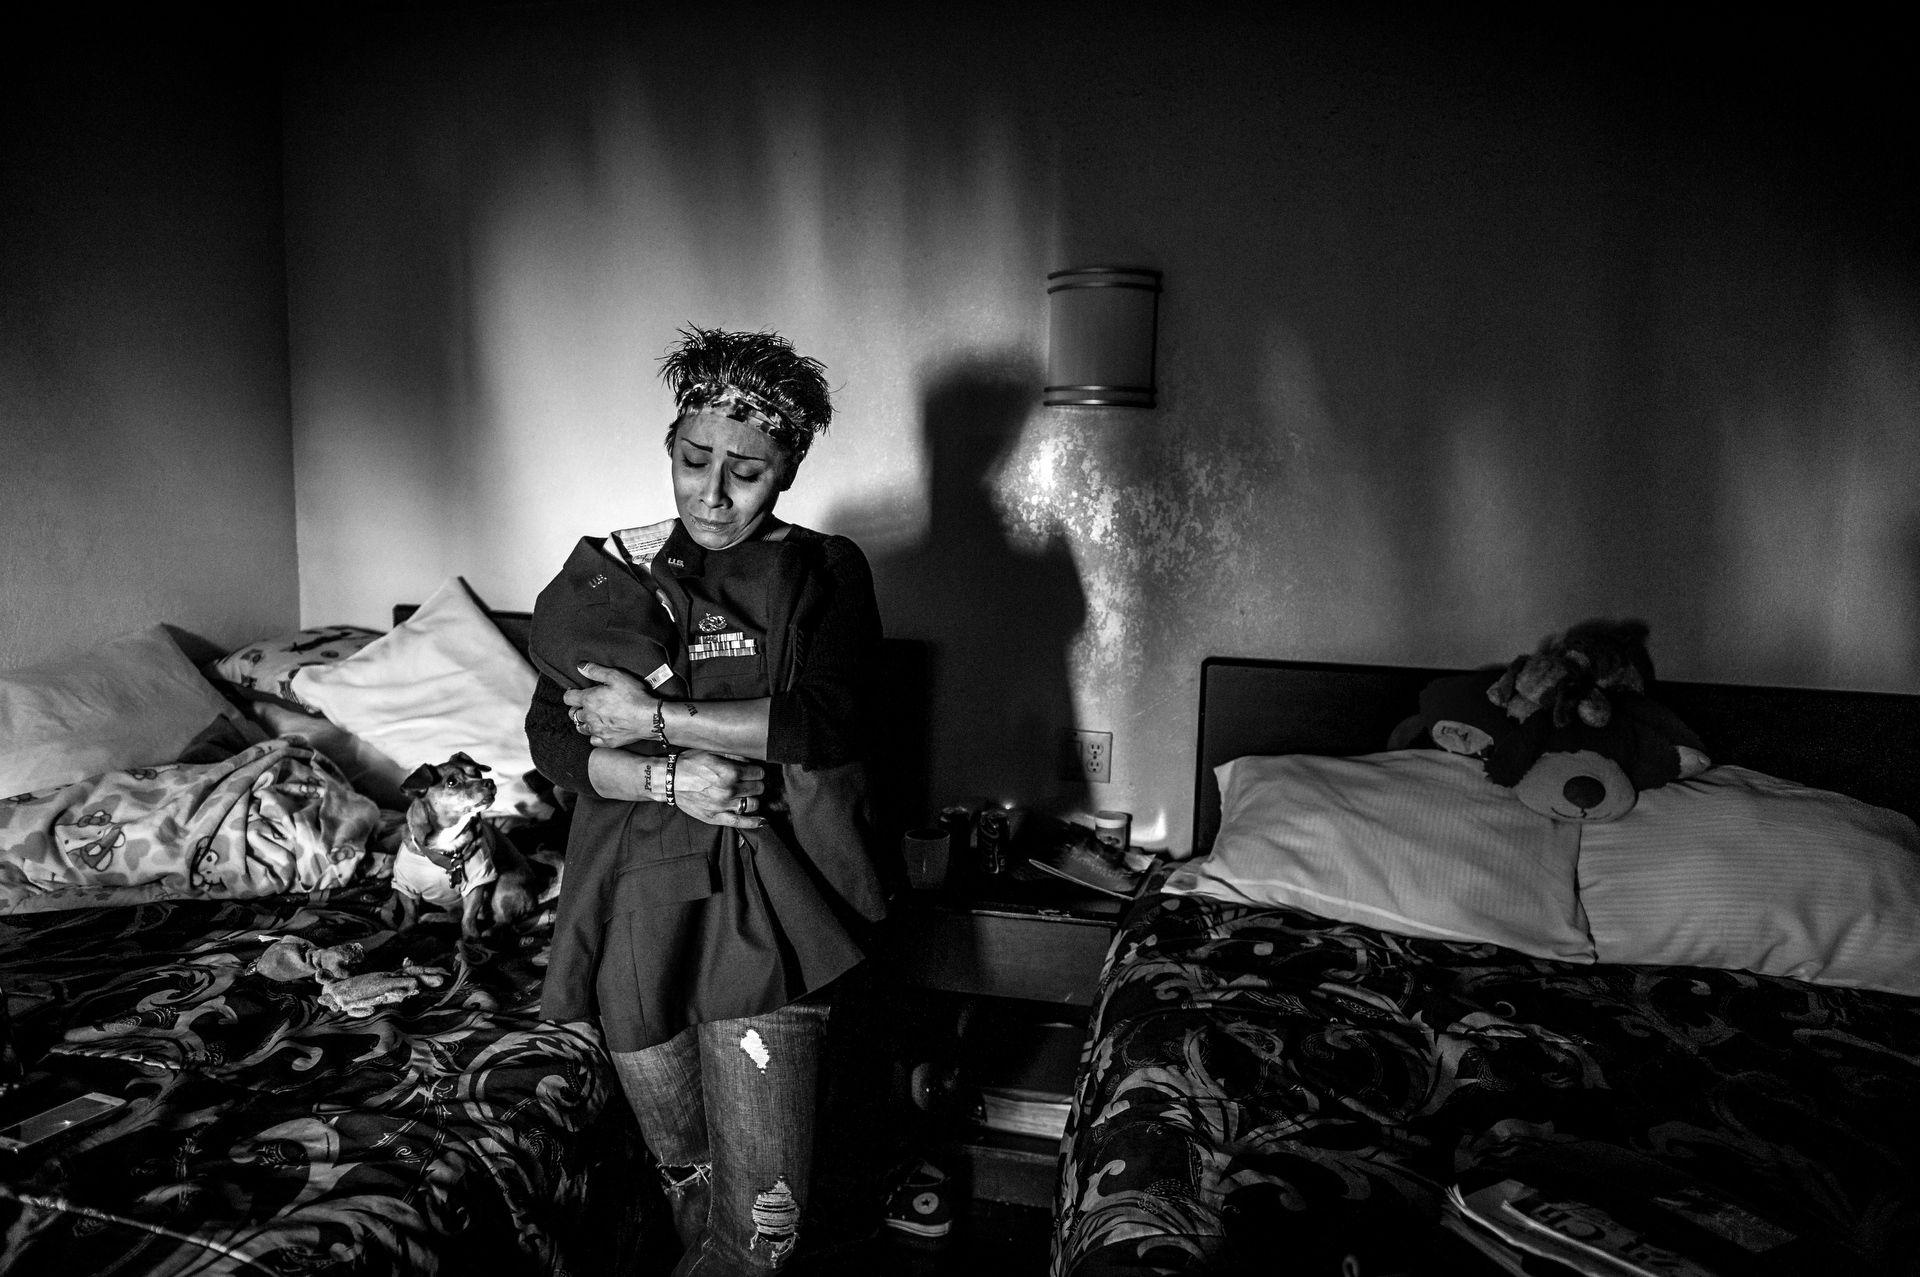 Missing in Action: Homeless Women Veterans - 9